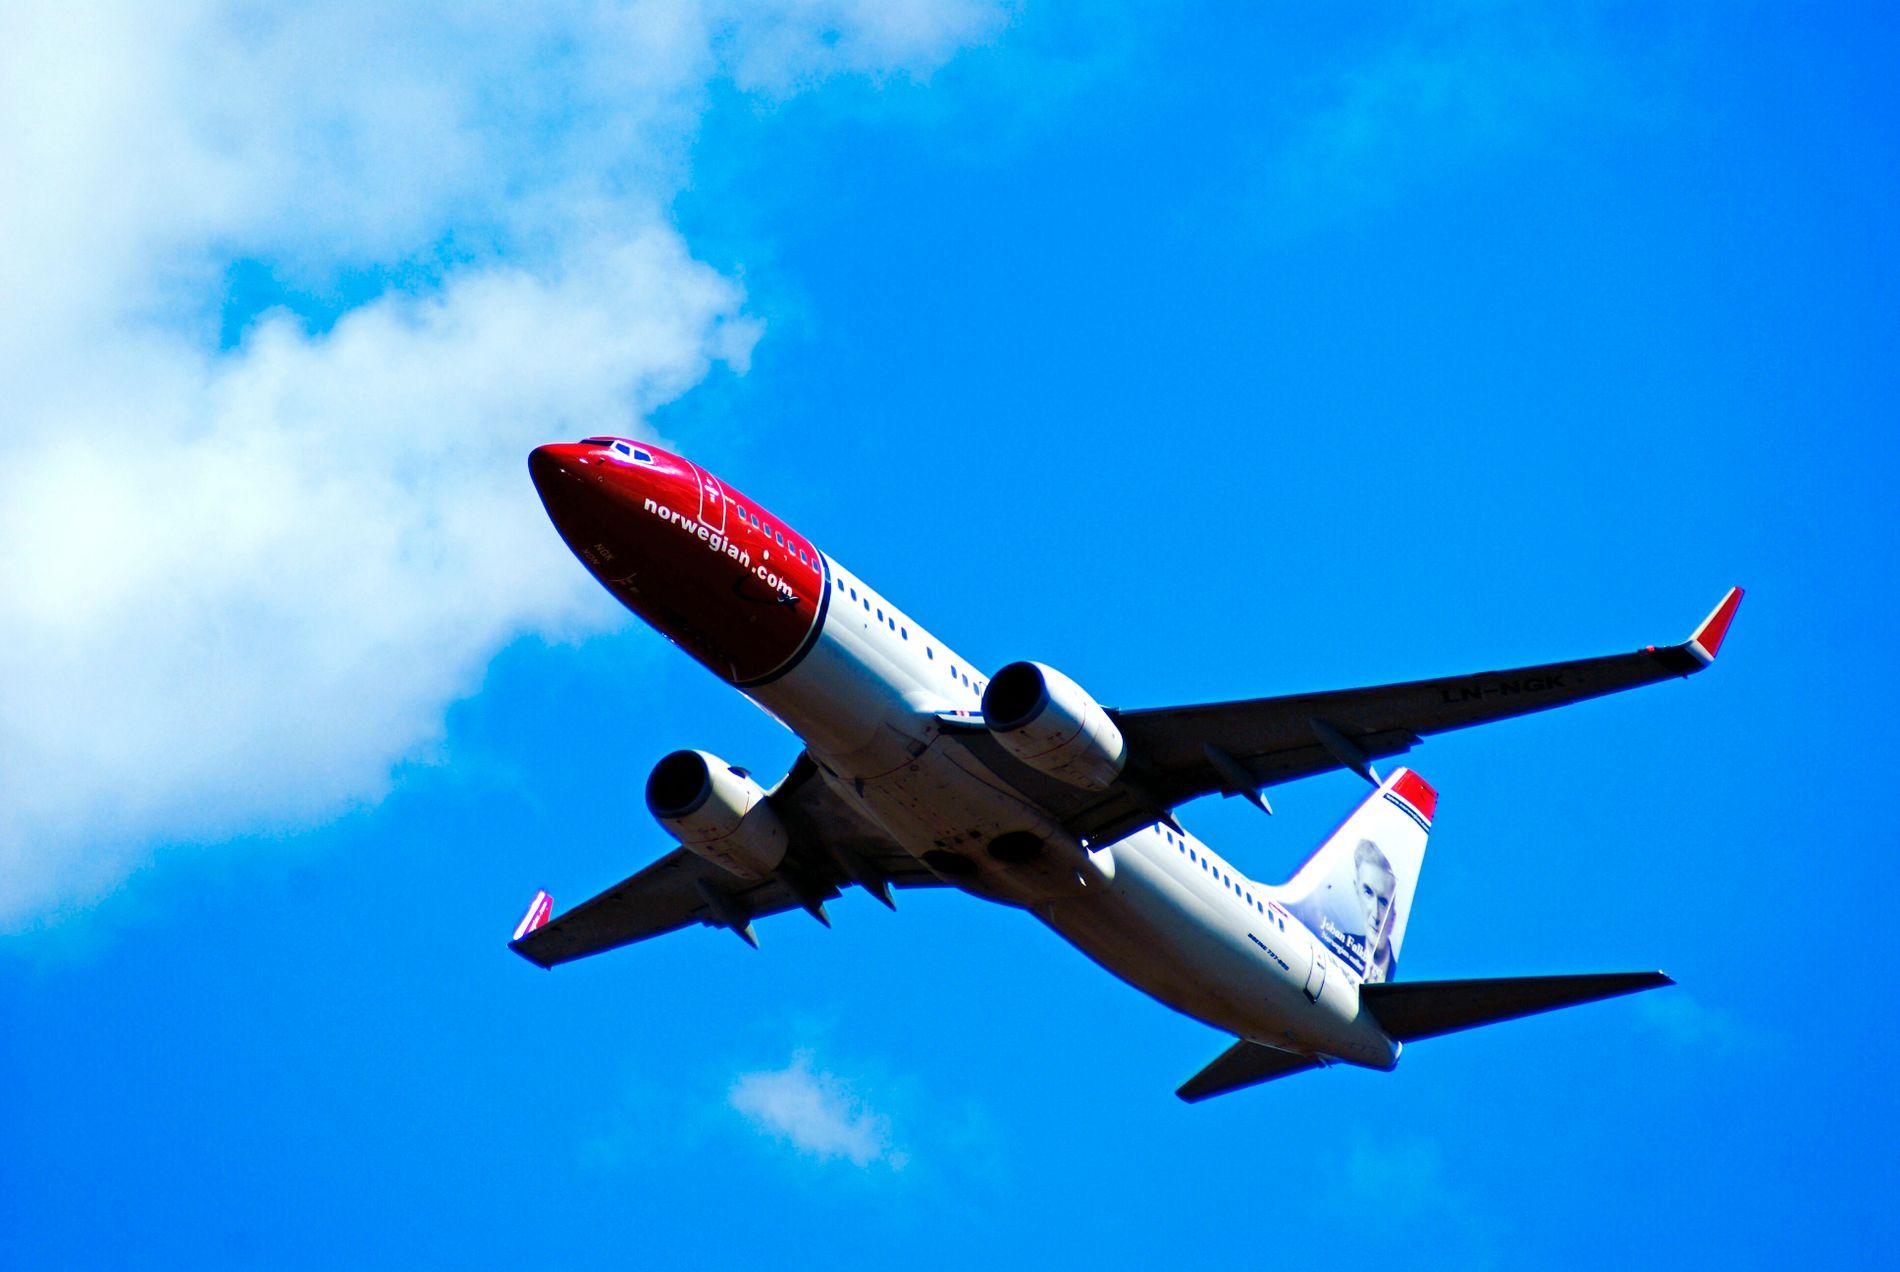 OVERGREP: En 41 år gammel mann skal ha forgrepet seg på en kvinne under en Norwegian-flyvning fra London til Seattle i januar i år. Bildet er tatt i forbindelse med en annen sak.